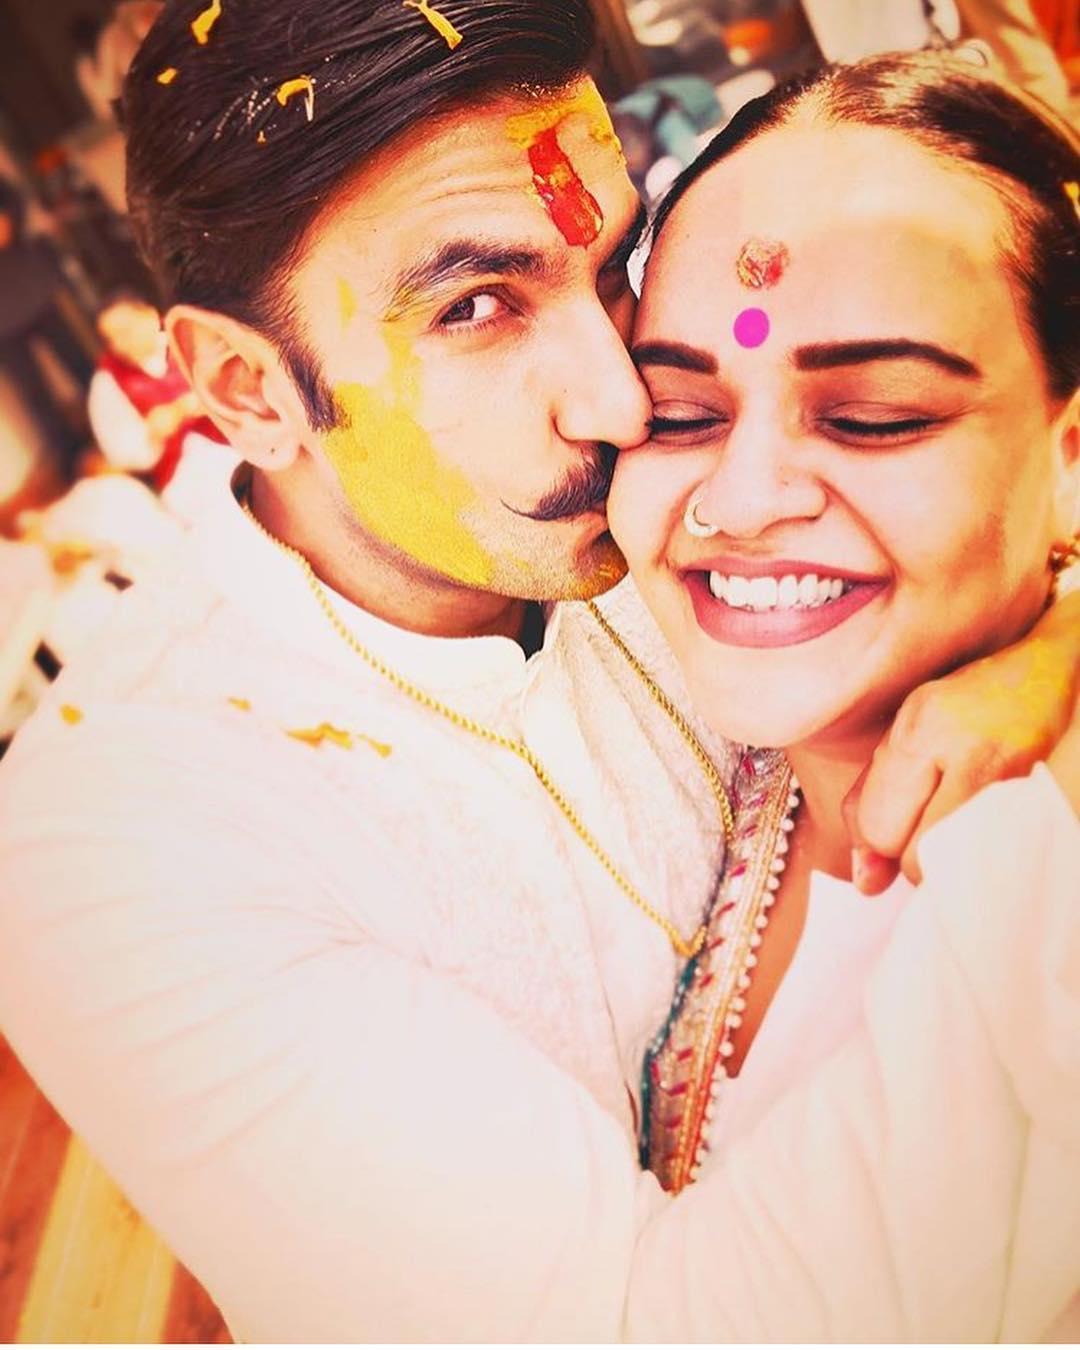 deepveer wedding, ranveer singh, deepika padukone, ranveer singh's haldi ceremony, haldi ceremony, deepveerkishaadi